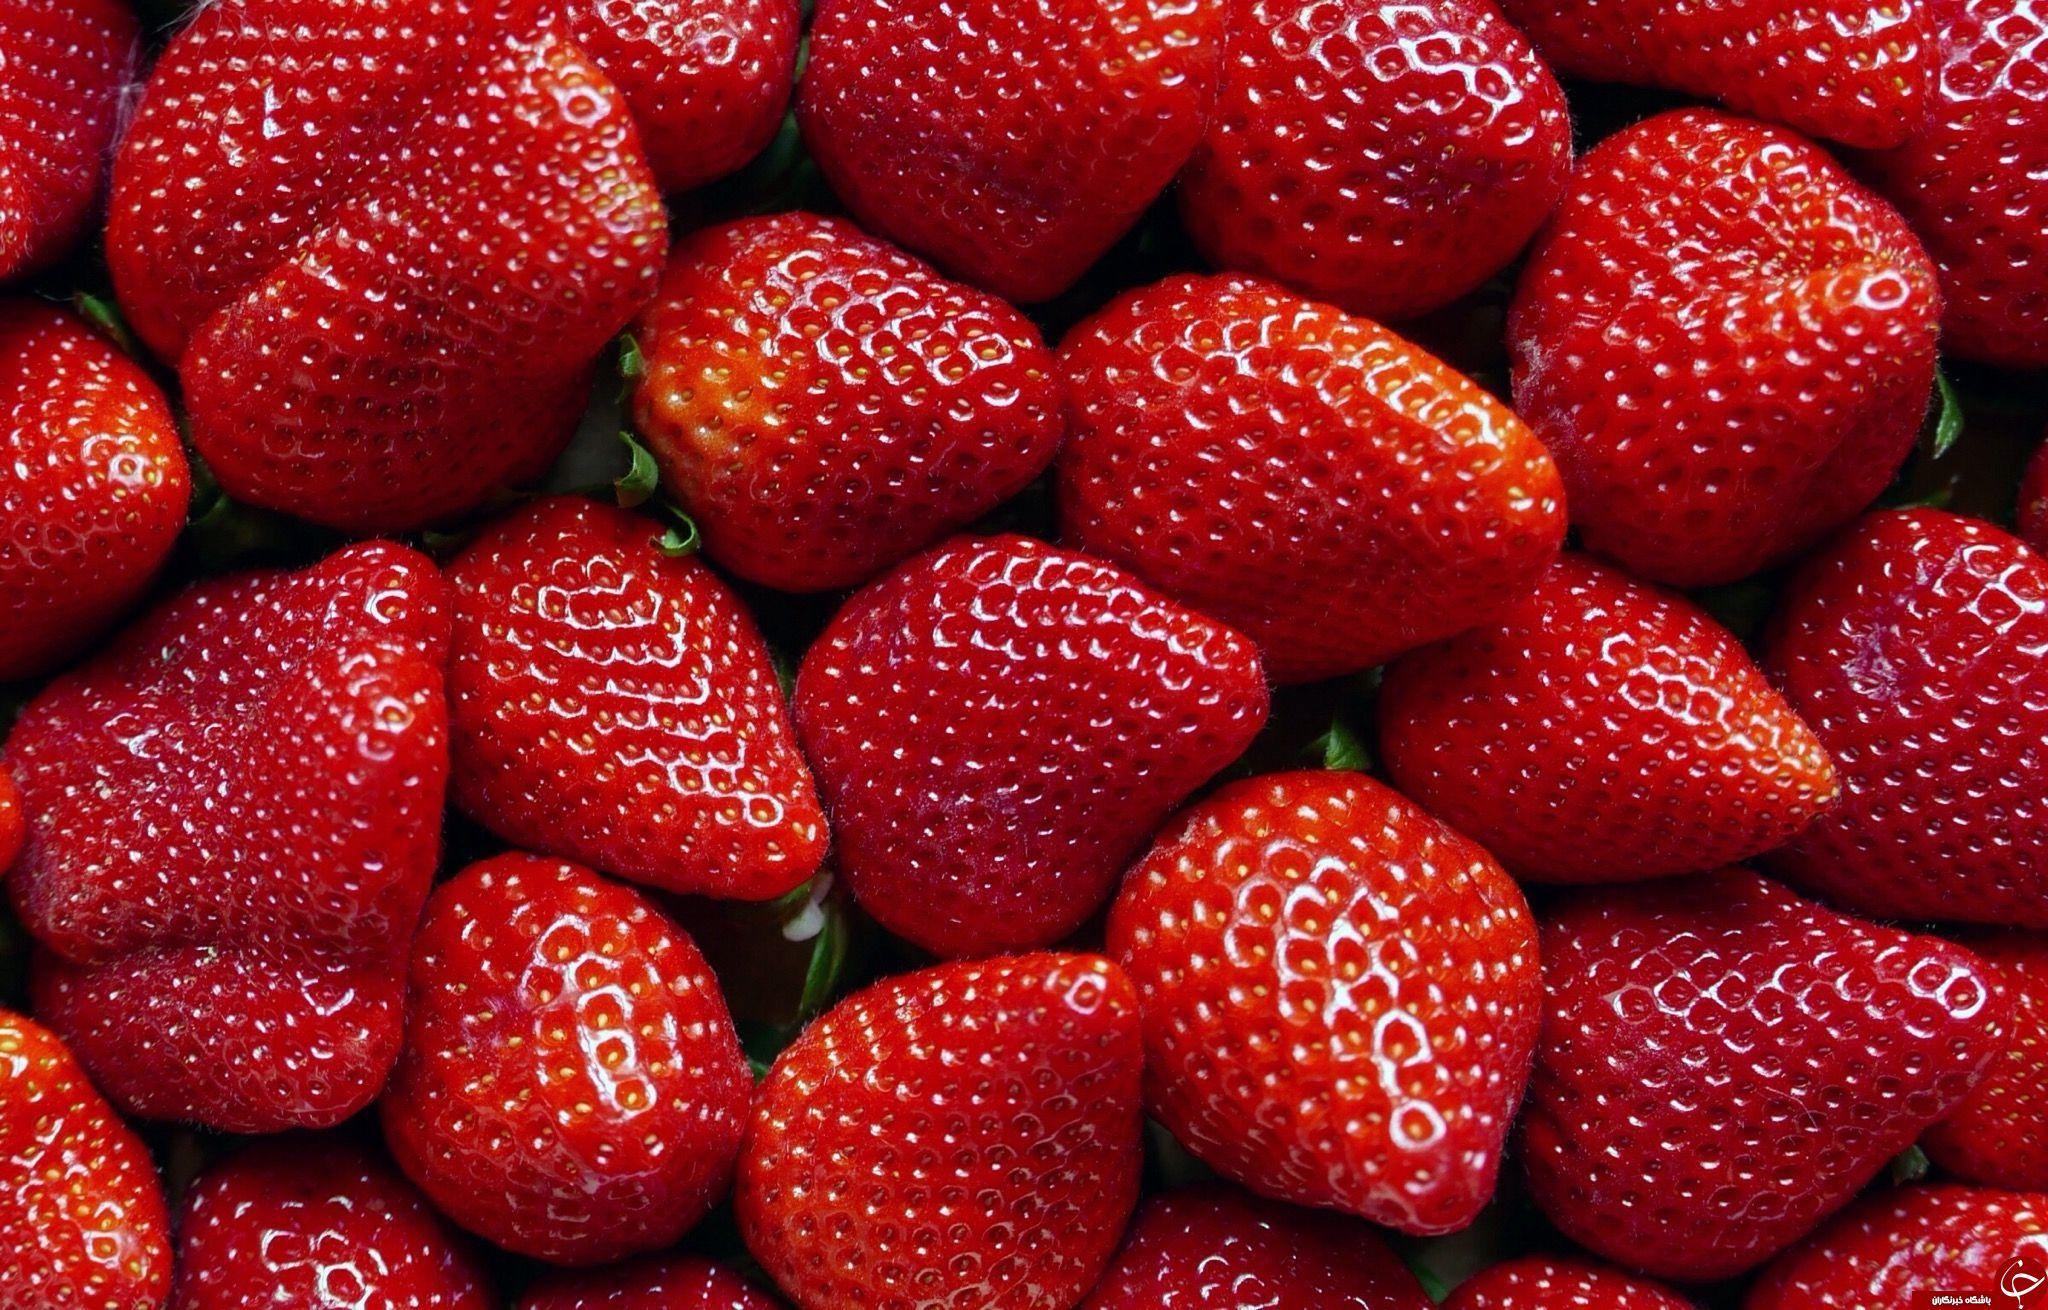 با این ماده غذایی سلامت استخوانهایتان را تضمین کنید/ خوراکیهایی برای مبارزه با التهاب بدن/ خوردن توت فرنگی را در بهار فراموش نکنید